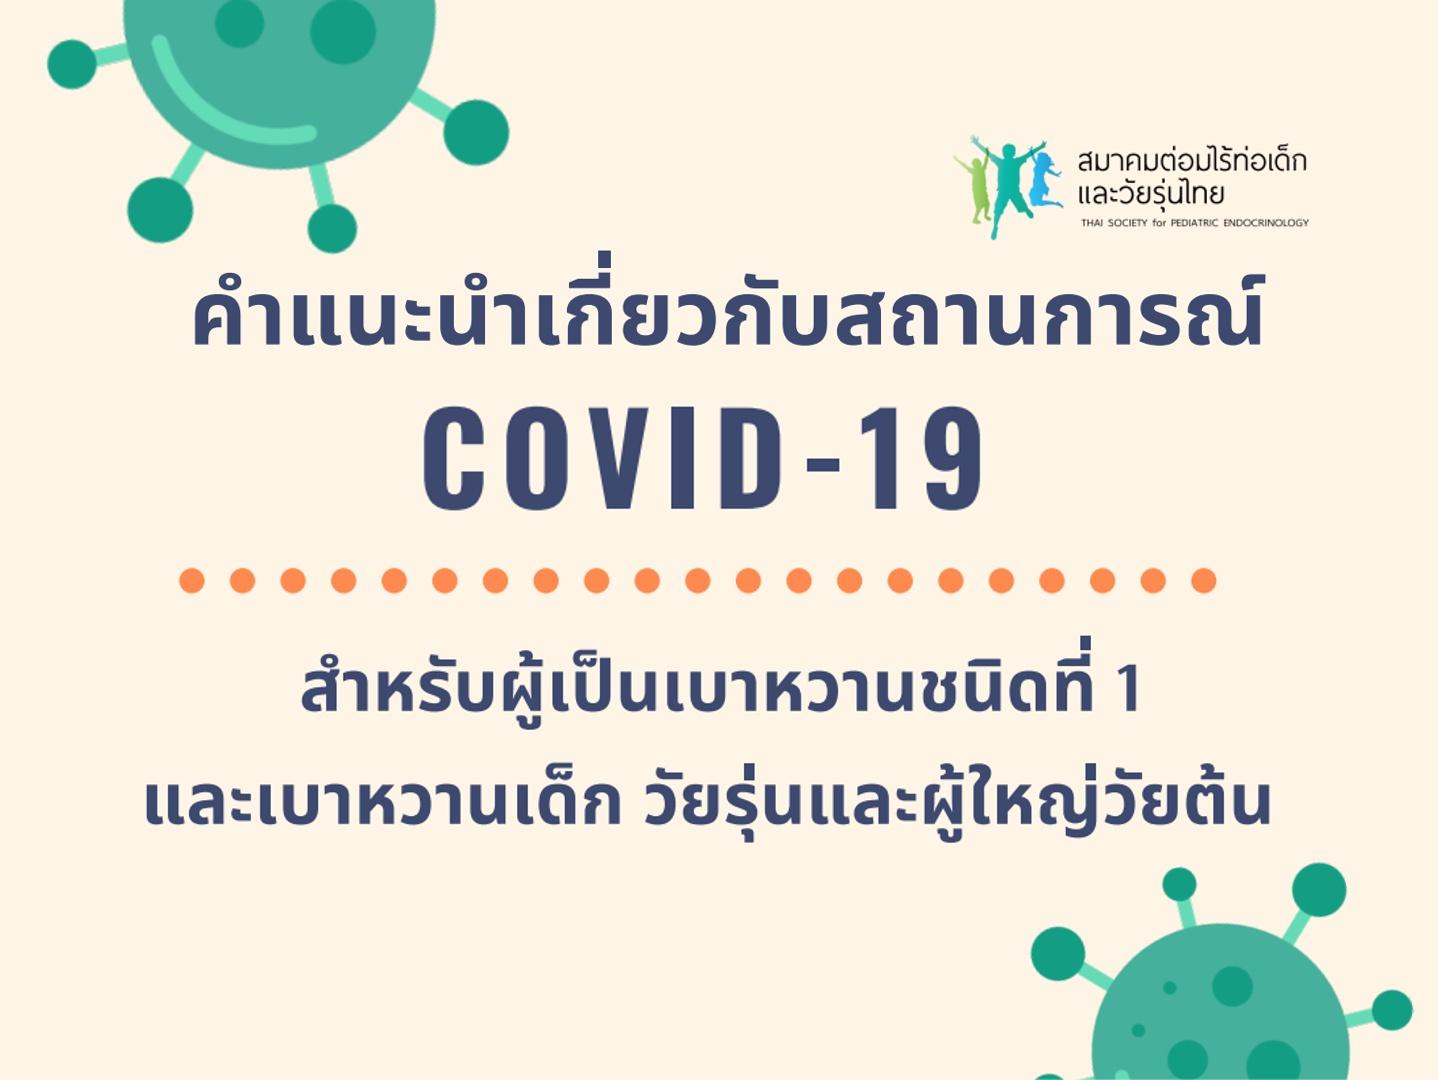 คำแนะนำเกี่ยวกับสถานการณ์ COVID-19 สำหรับผู้เป็นเบาหวานชนิดที่ 1